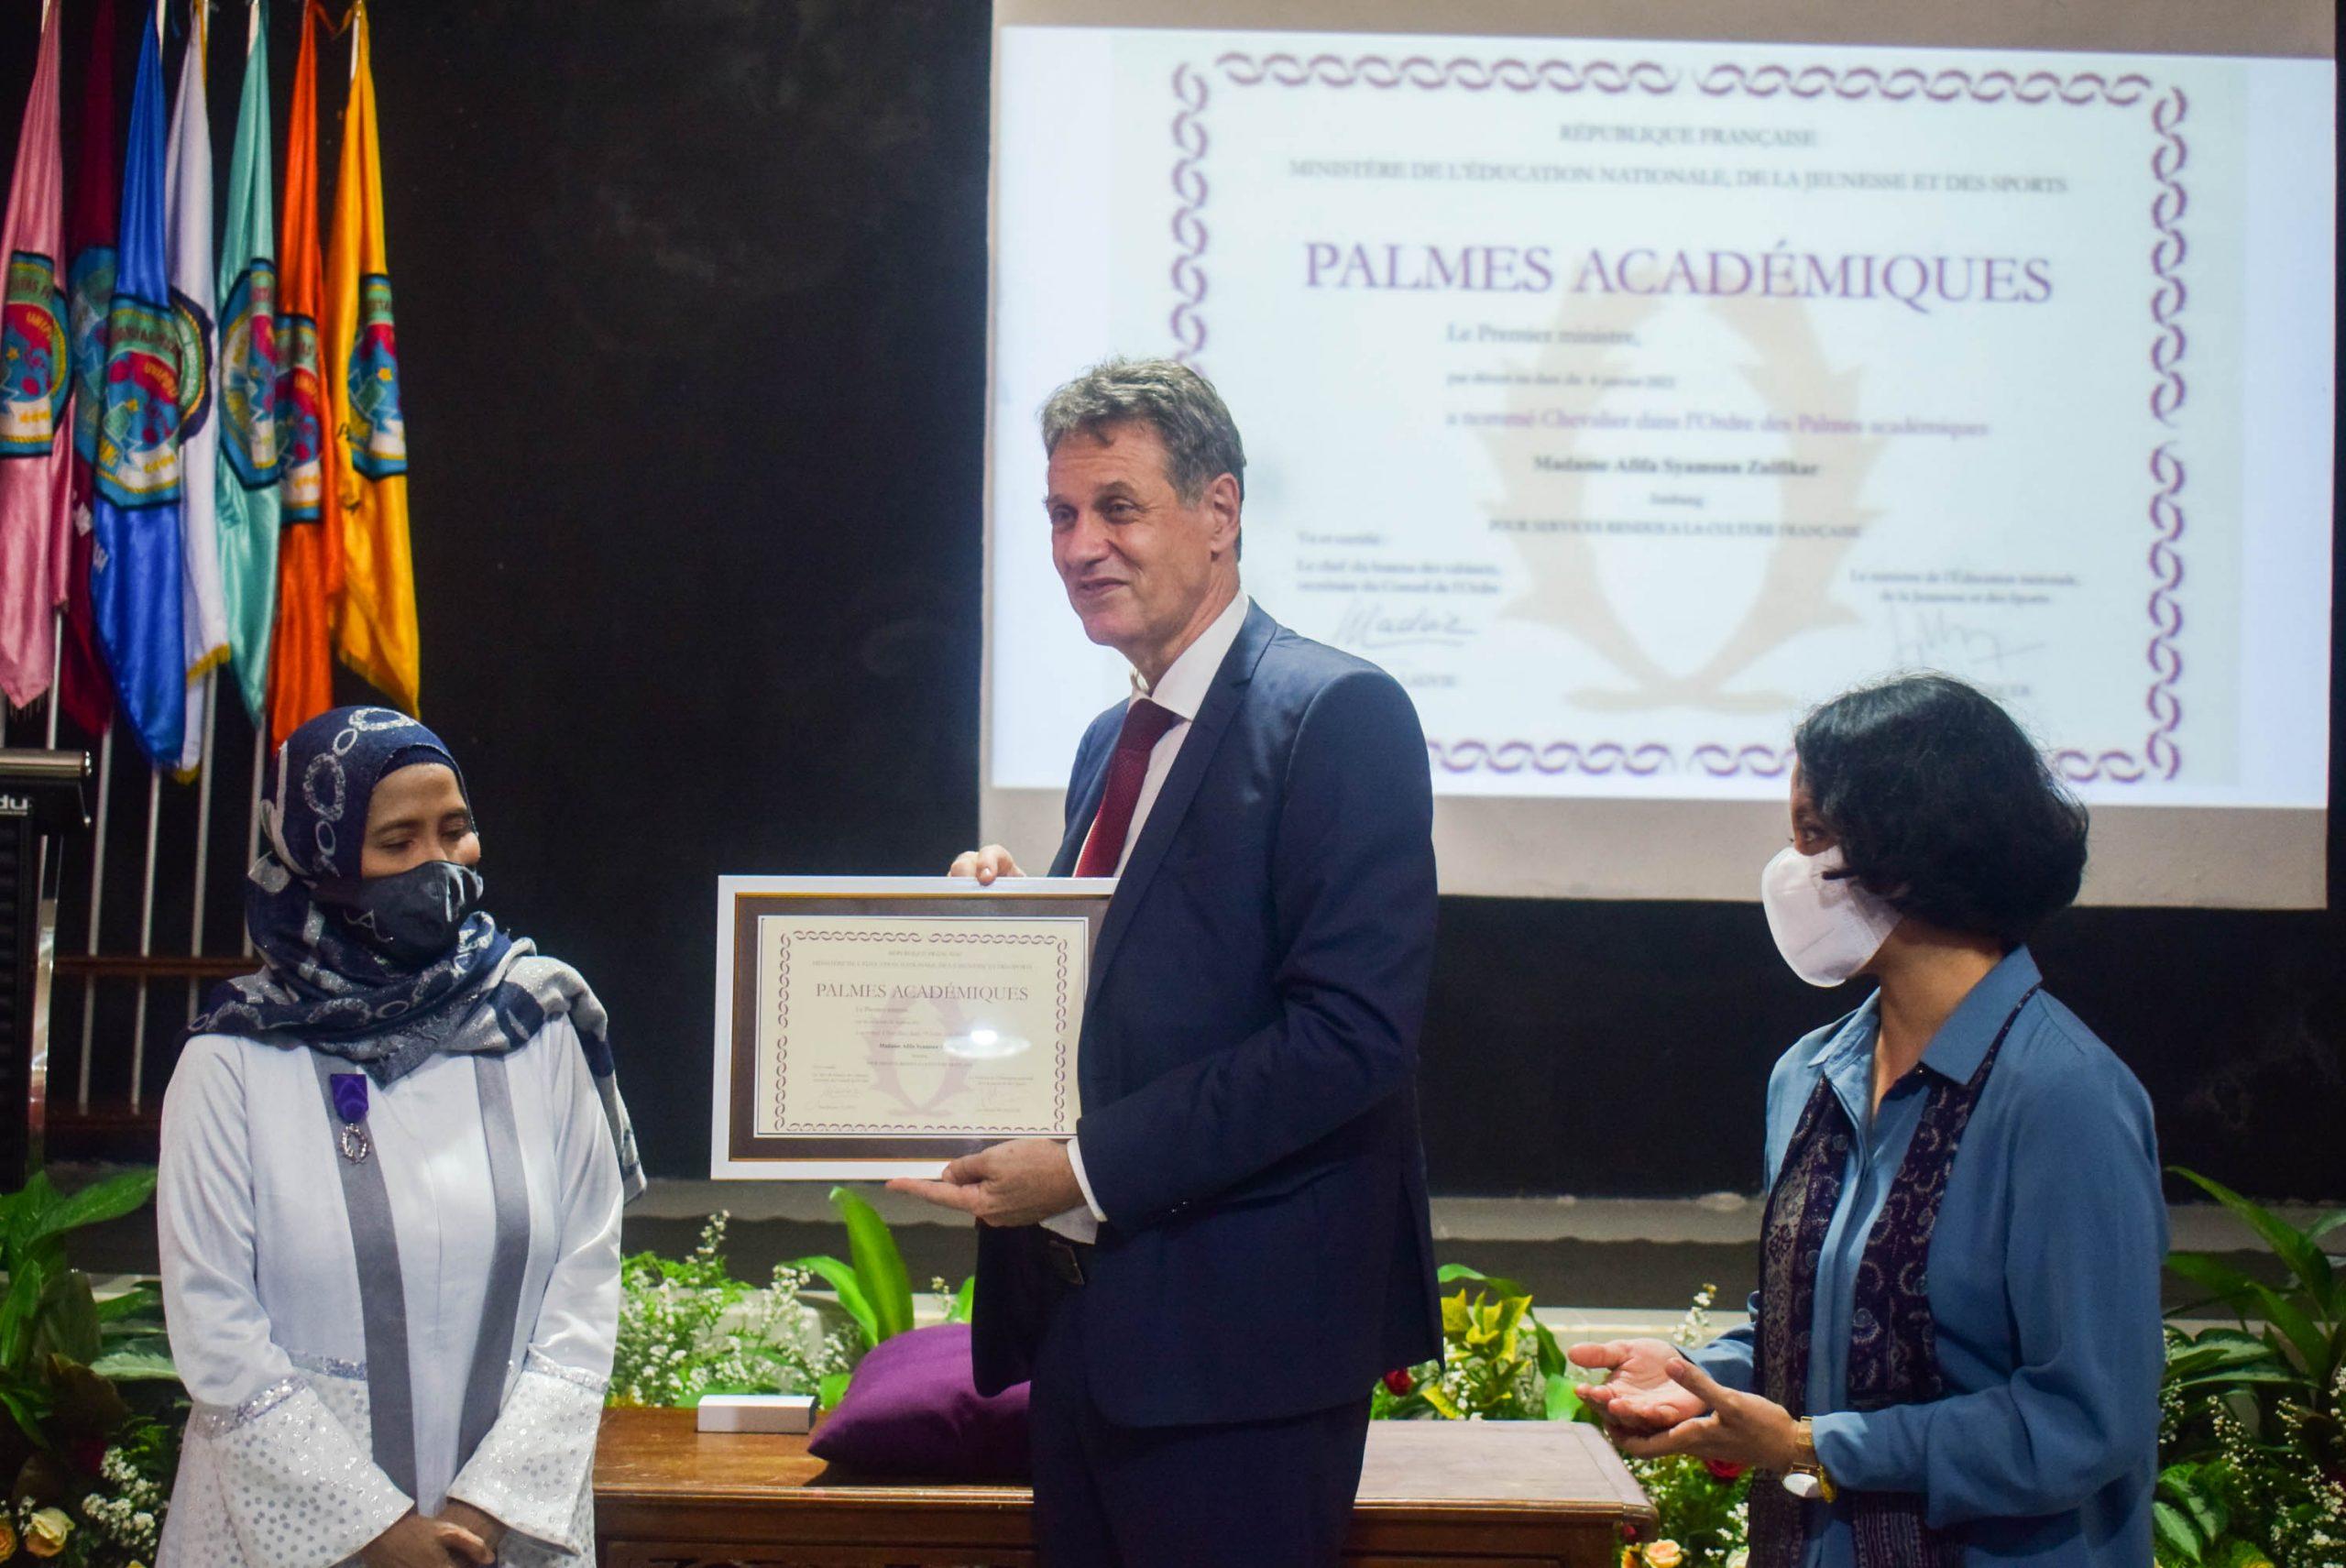 Stéphane Dovert (Conseiller de coopération et directeur de l'Institut français d'Indonésie) remet les Palmes académiques à Mme Afifa Syamsun Zulfikar, Professeure à l'Université islamique UNIPDU de Jombang et au Lycée islamique et technologique SMA Darul Ulum 2